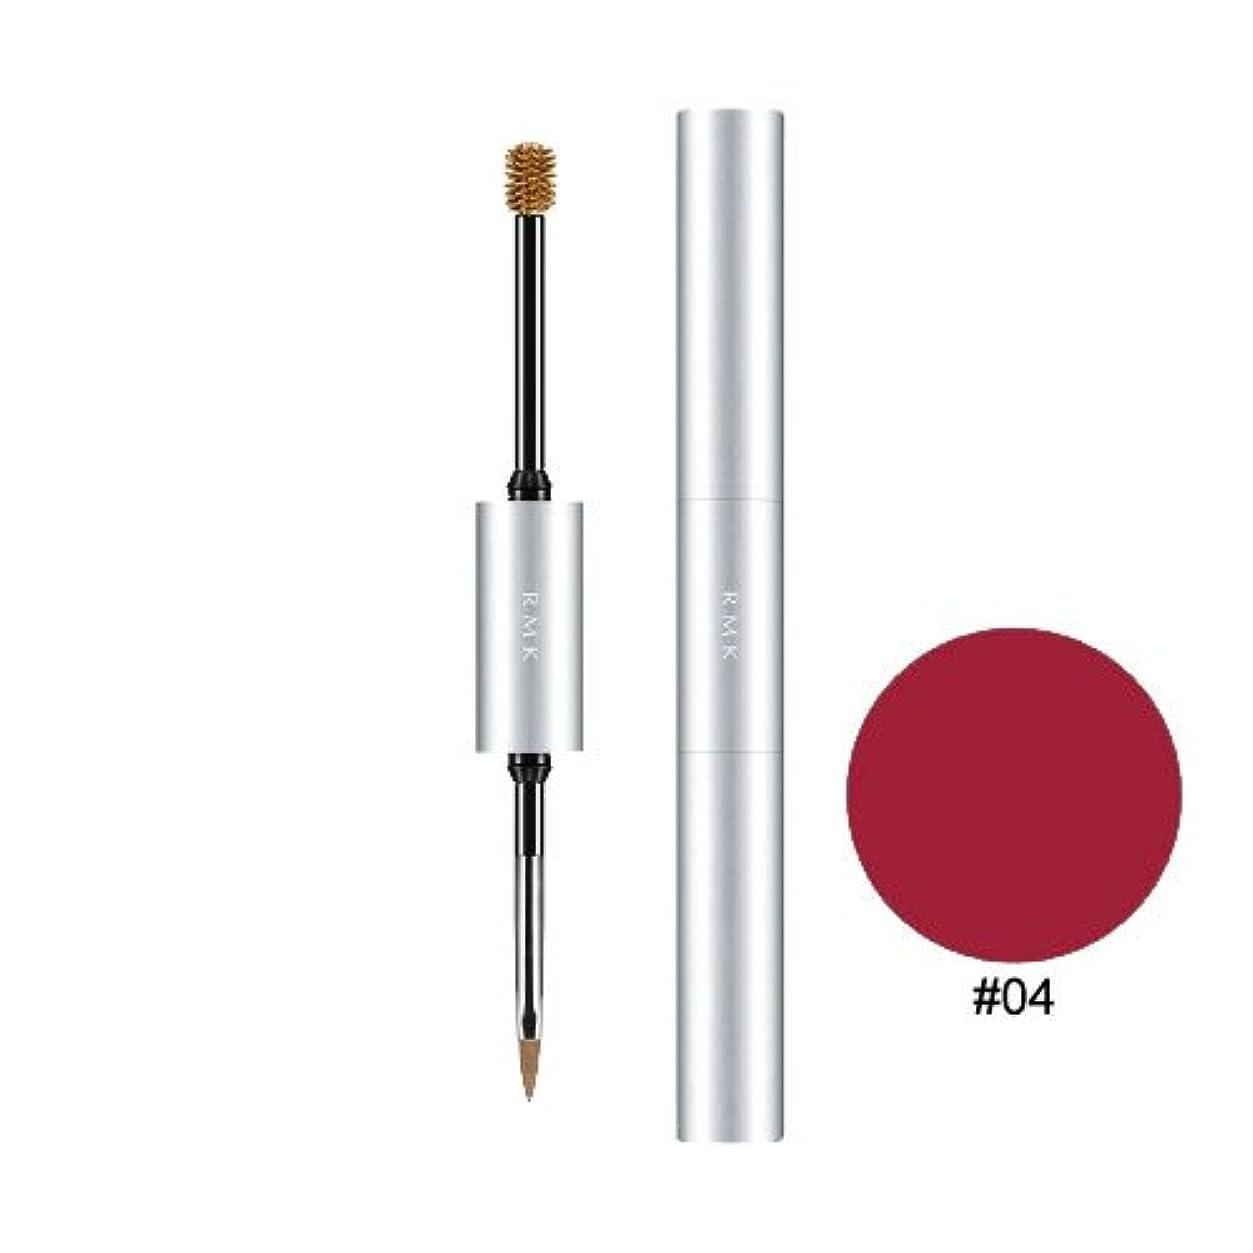 整然としたルーチン【RMK (ルミコ)】Wアイブロウカラーズ #04 レッドブラウン 5.4g